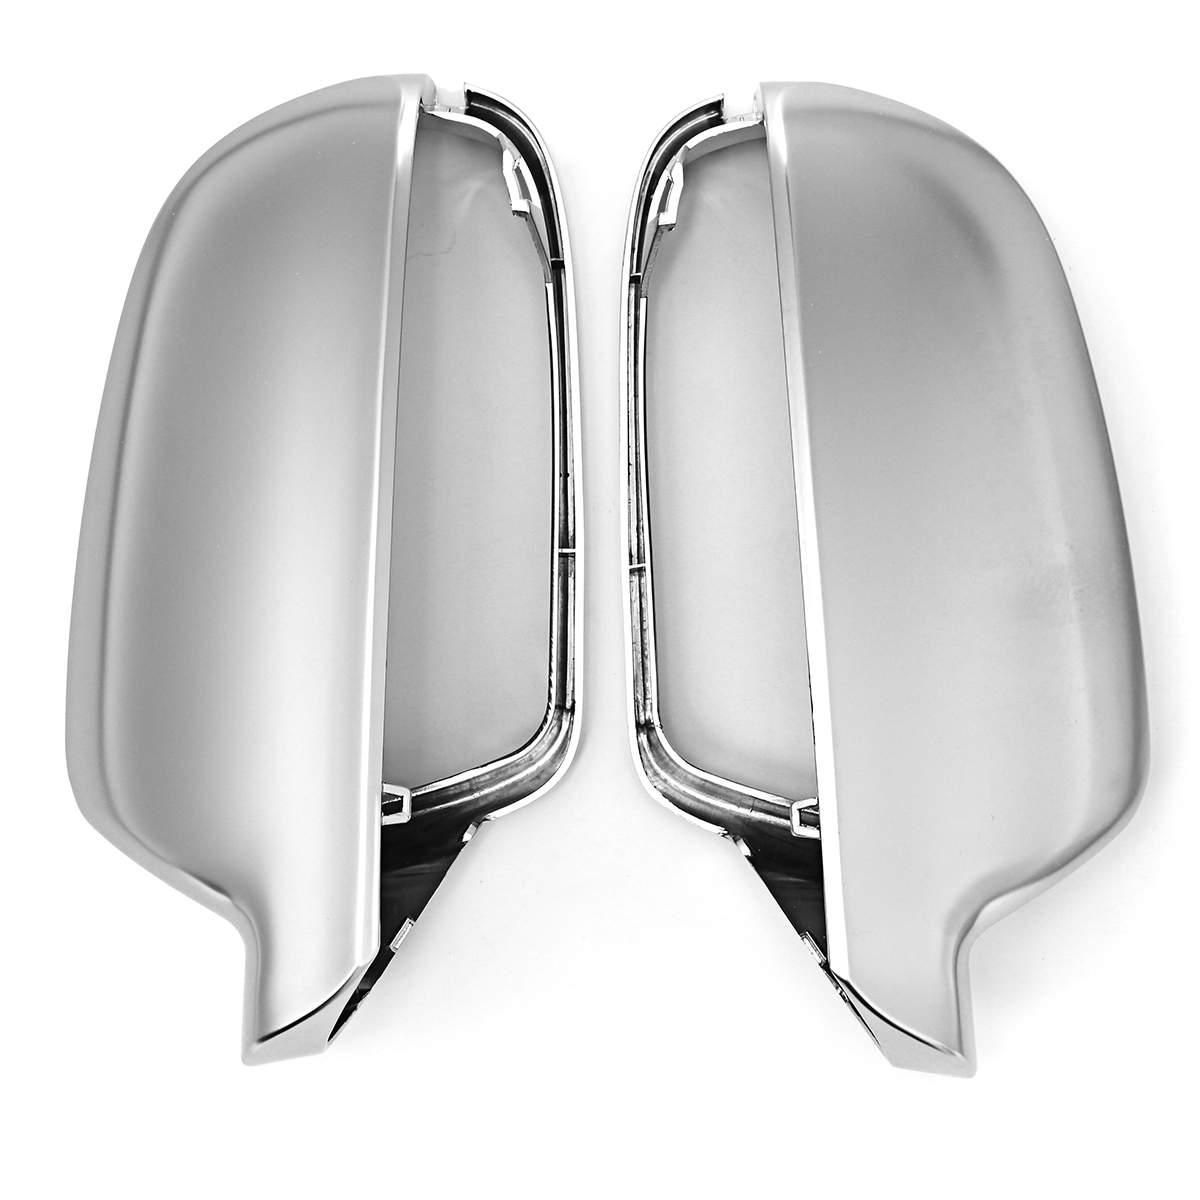 L+R For Audi A3 S3 A4 S4 B6 B7 A6 C6 Rearview Cover Wing Mirror Cap Primer Color